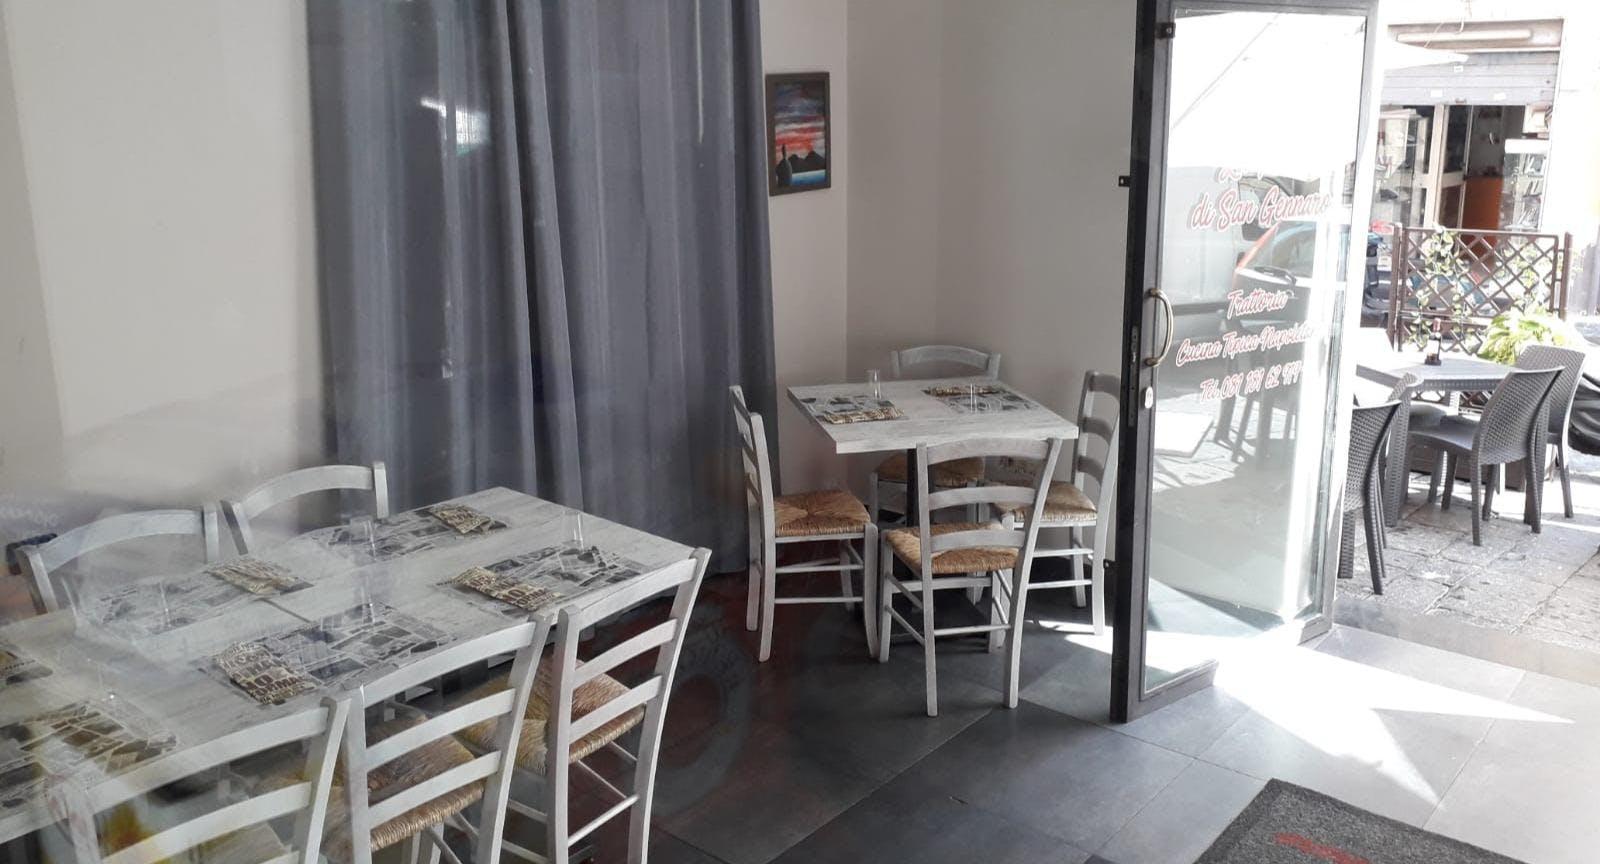 Photo of restaurant Trattoria La Porta di San Gennaro in Centro Storico, Naples